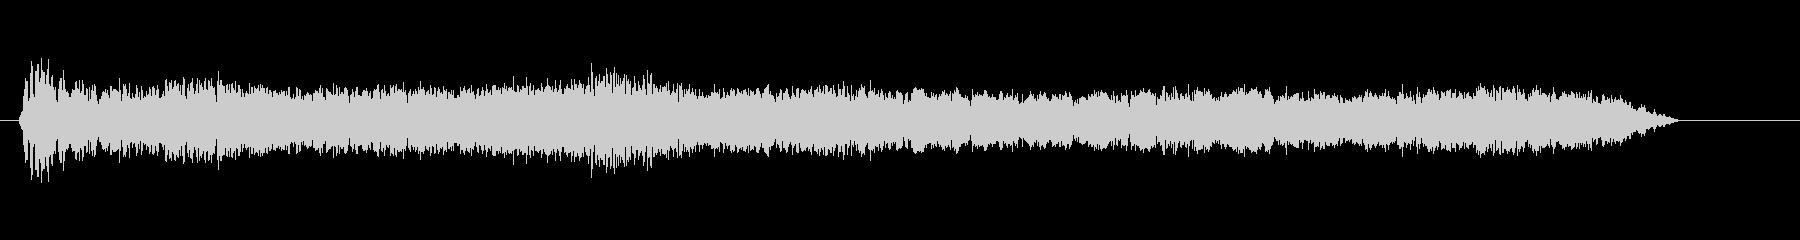 ギュワーン(恐ろしいノイズ)の未再生の波形